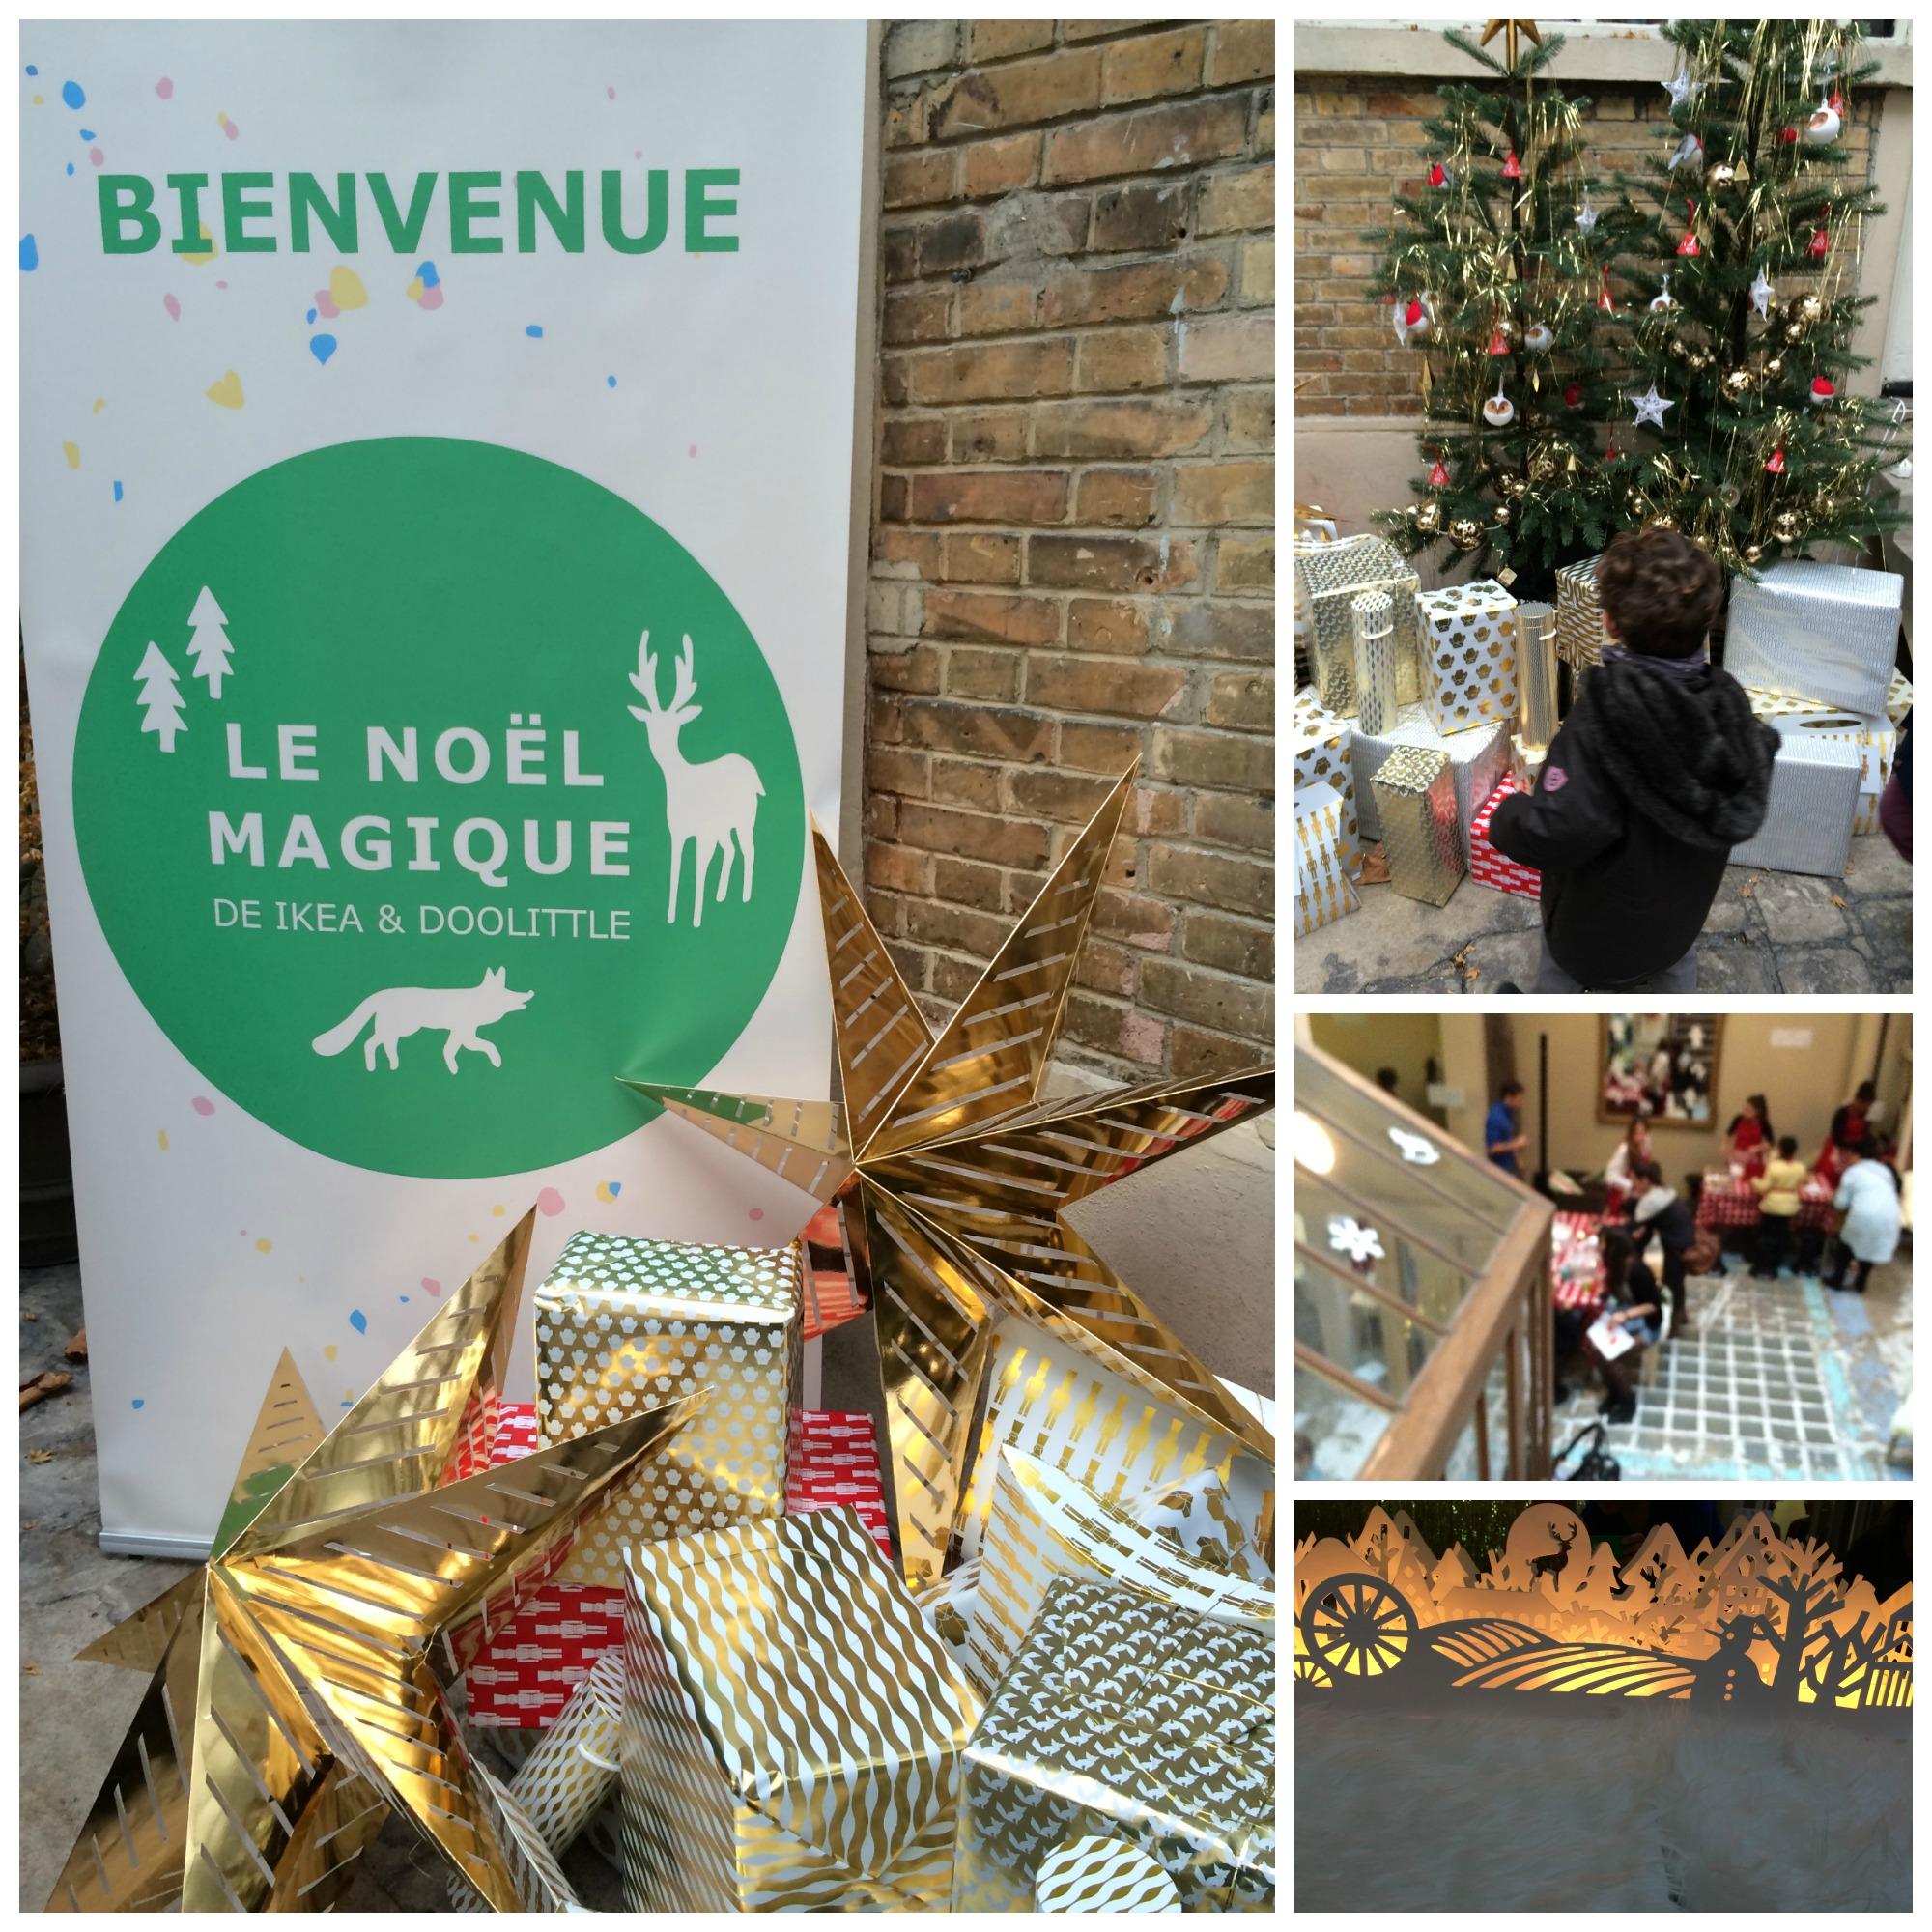 #9C682F IKEA La Déco De Noël Avec Les Enfants Expressions D'Enfants 5449 decorations de noel ikea 2000x2000 px @ aertt.com